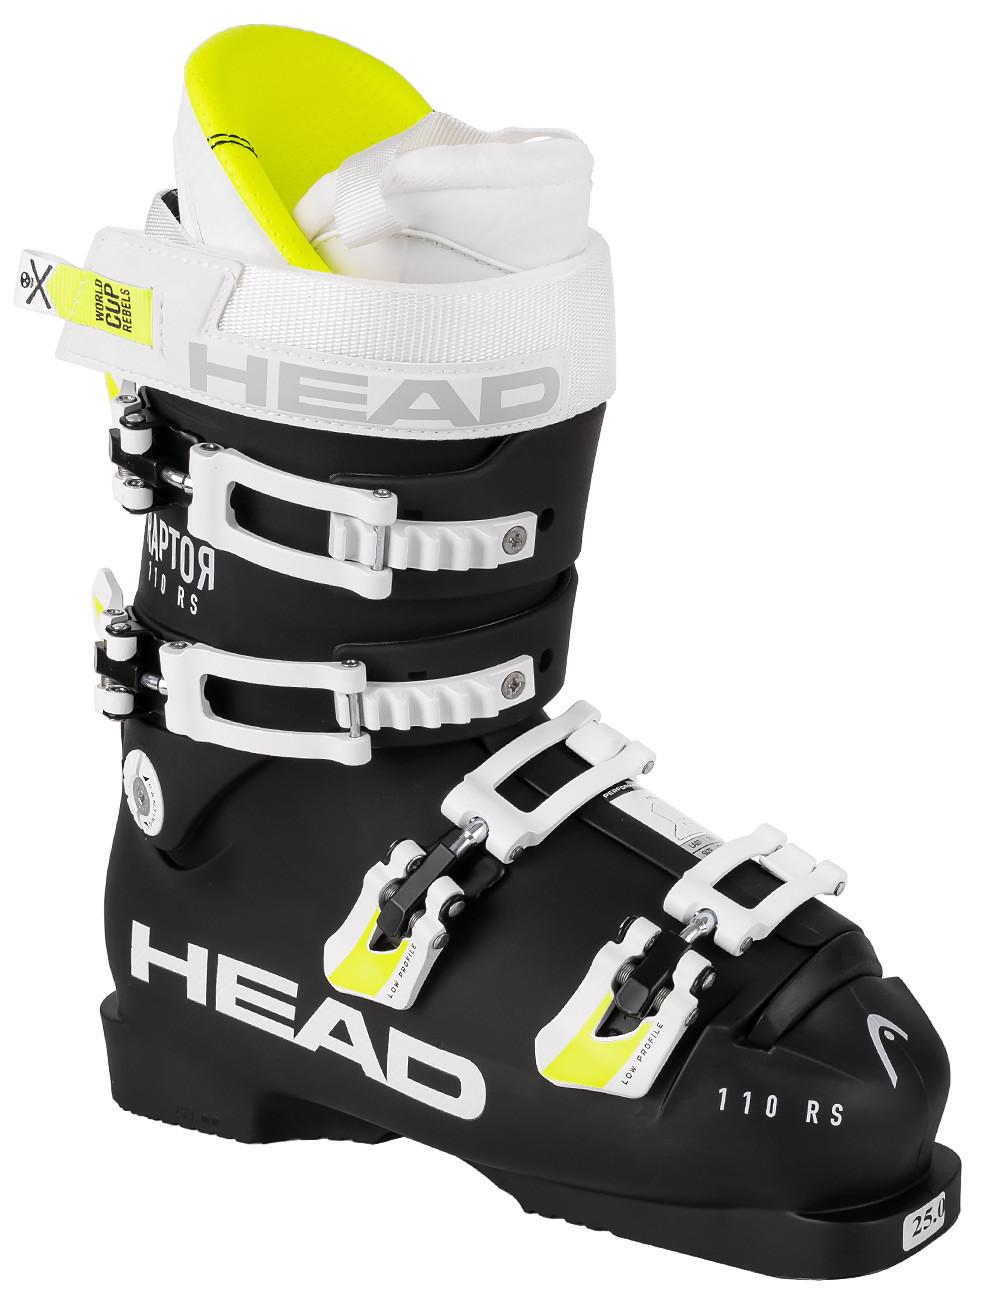 Buty narciarskie damskie Head Raptor 110S RS W